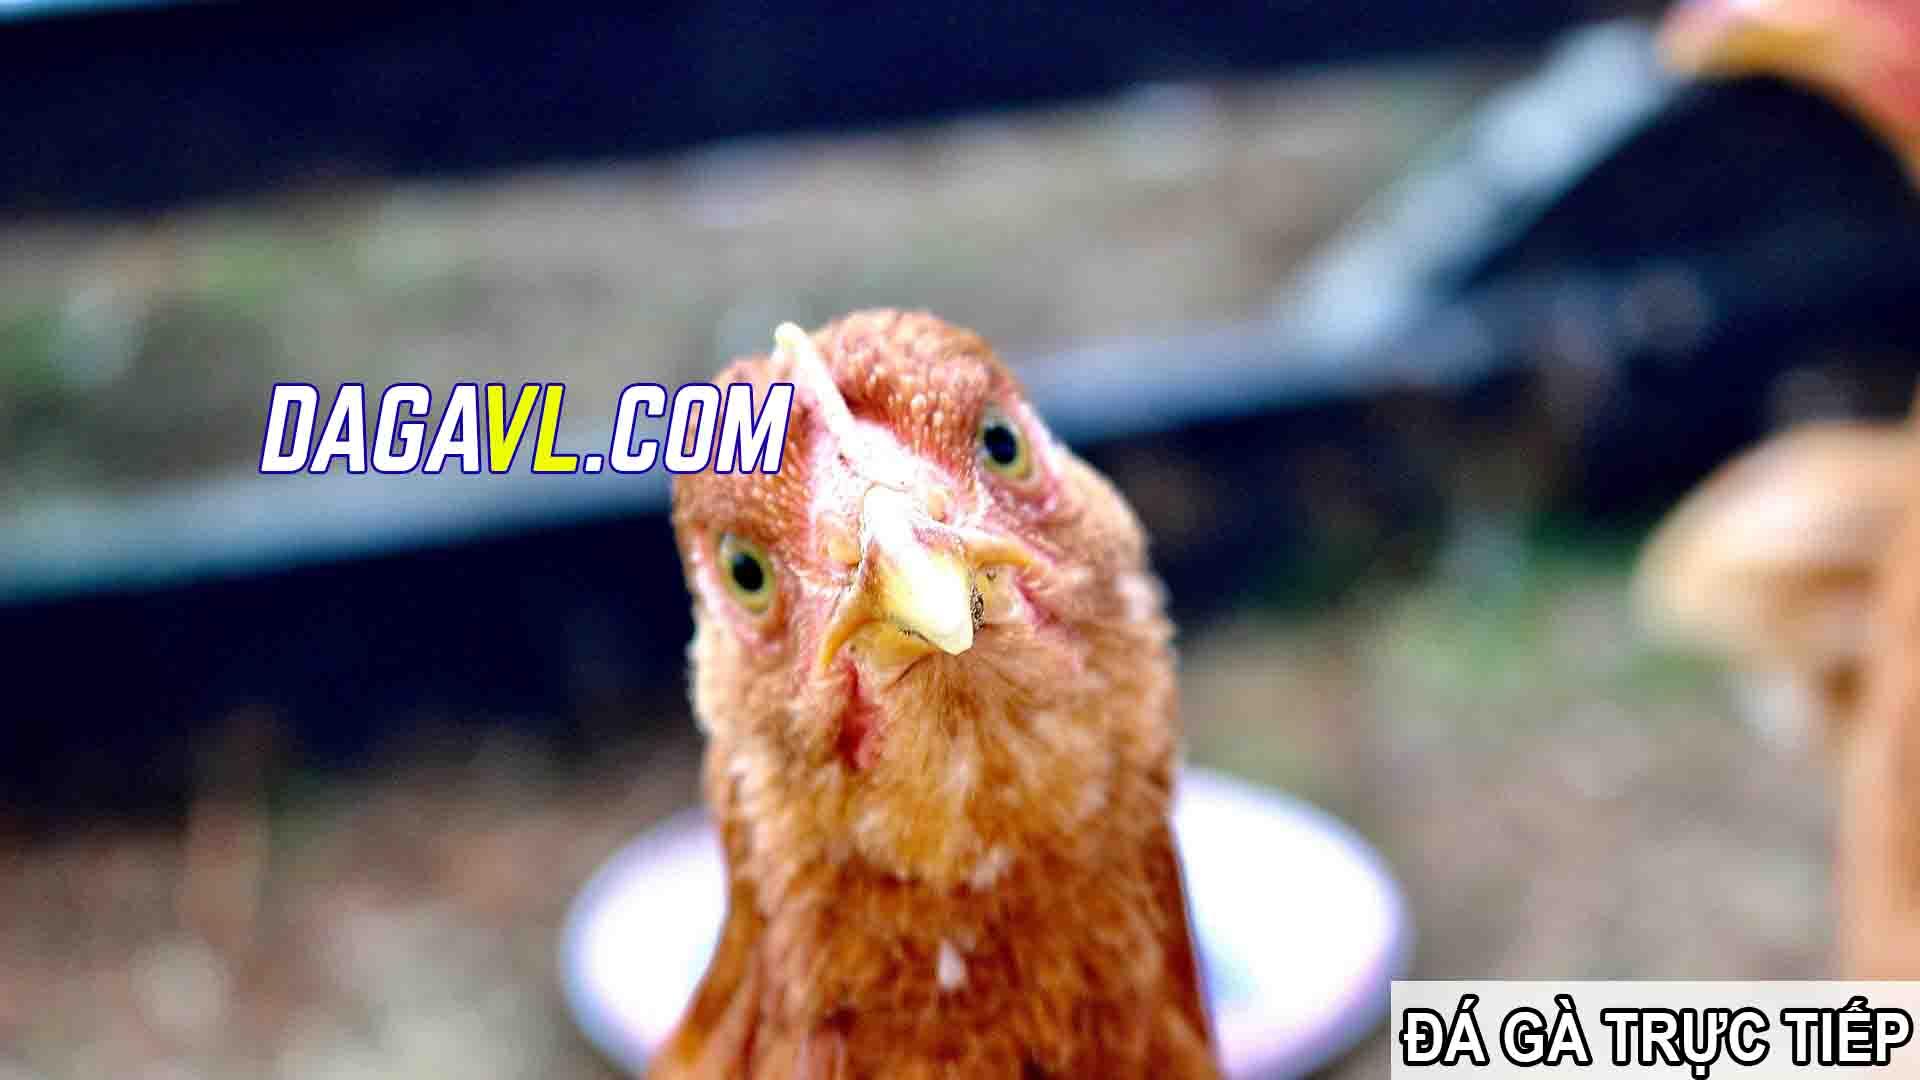 DAGAVL.COM - đá gà trực tiếp. Đá gà, bộ môn gây nghiện